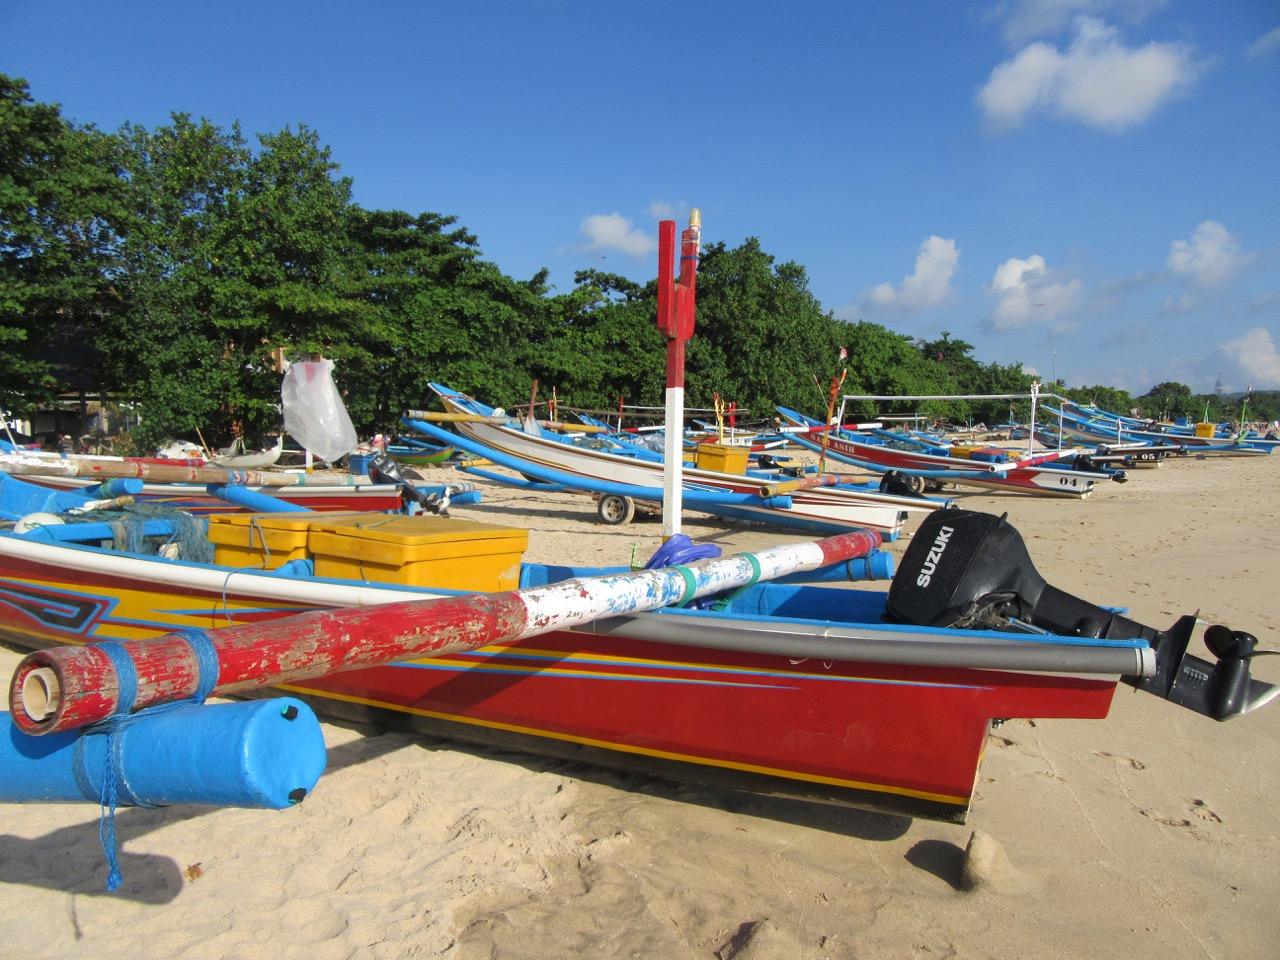 Boats on the beach near Jimbaran Bay.